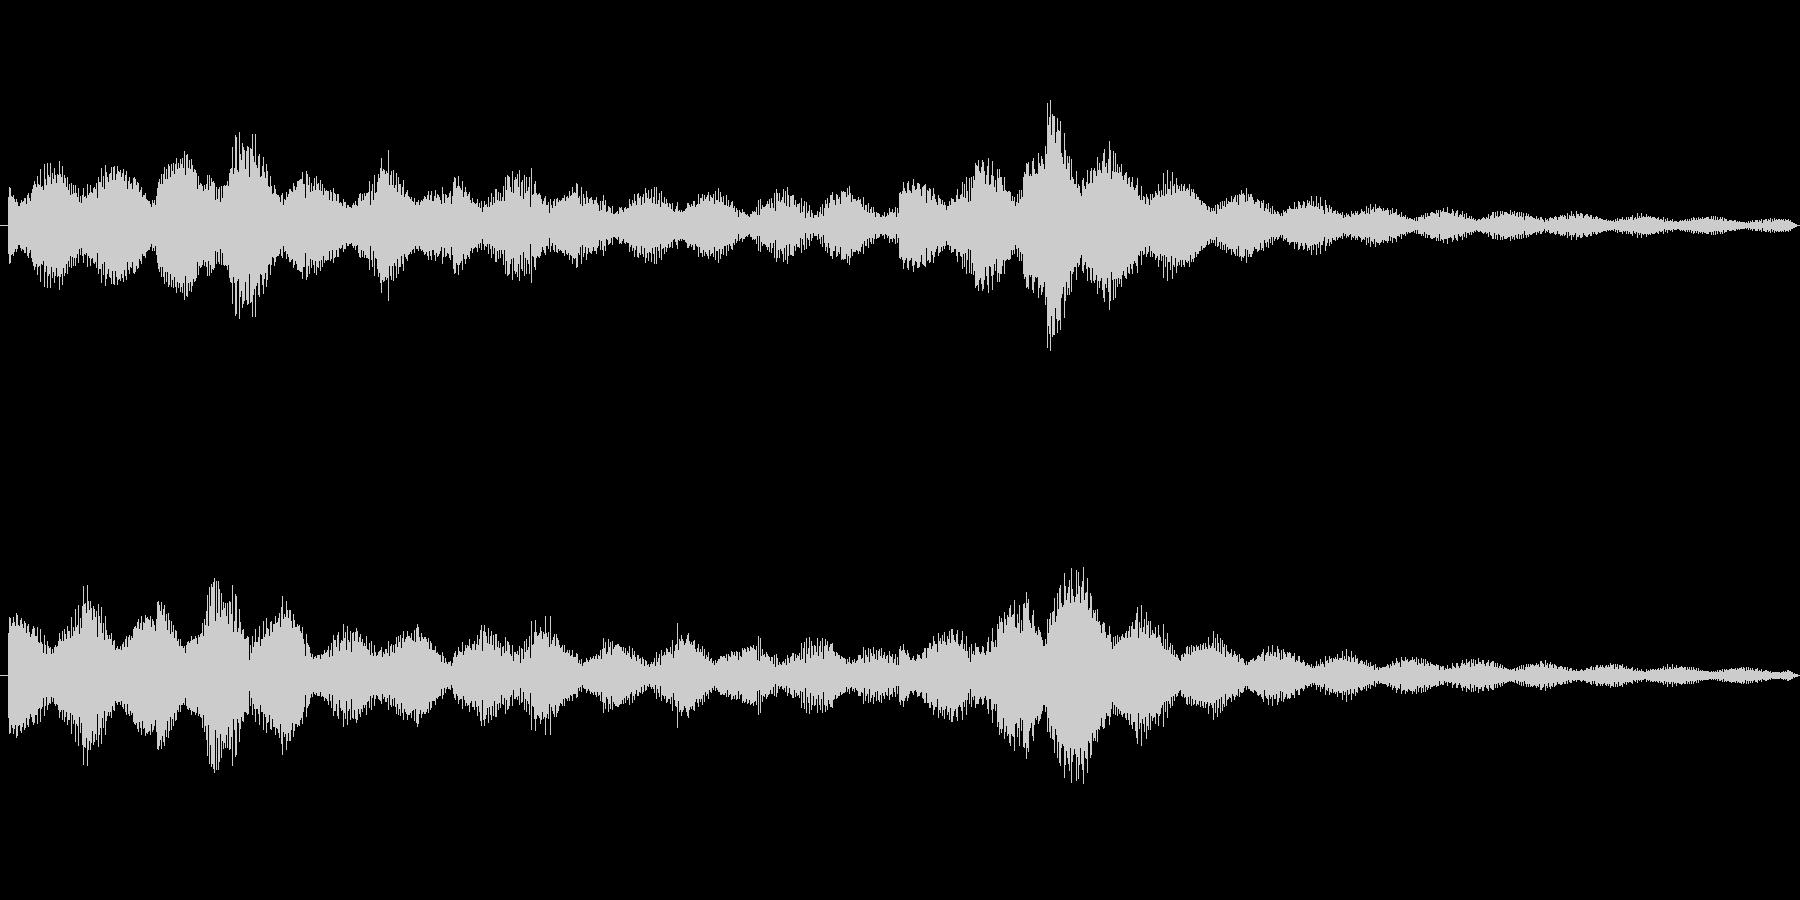 跳ねるような3連符のエレピのジングルの未再生の波形